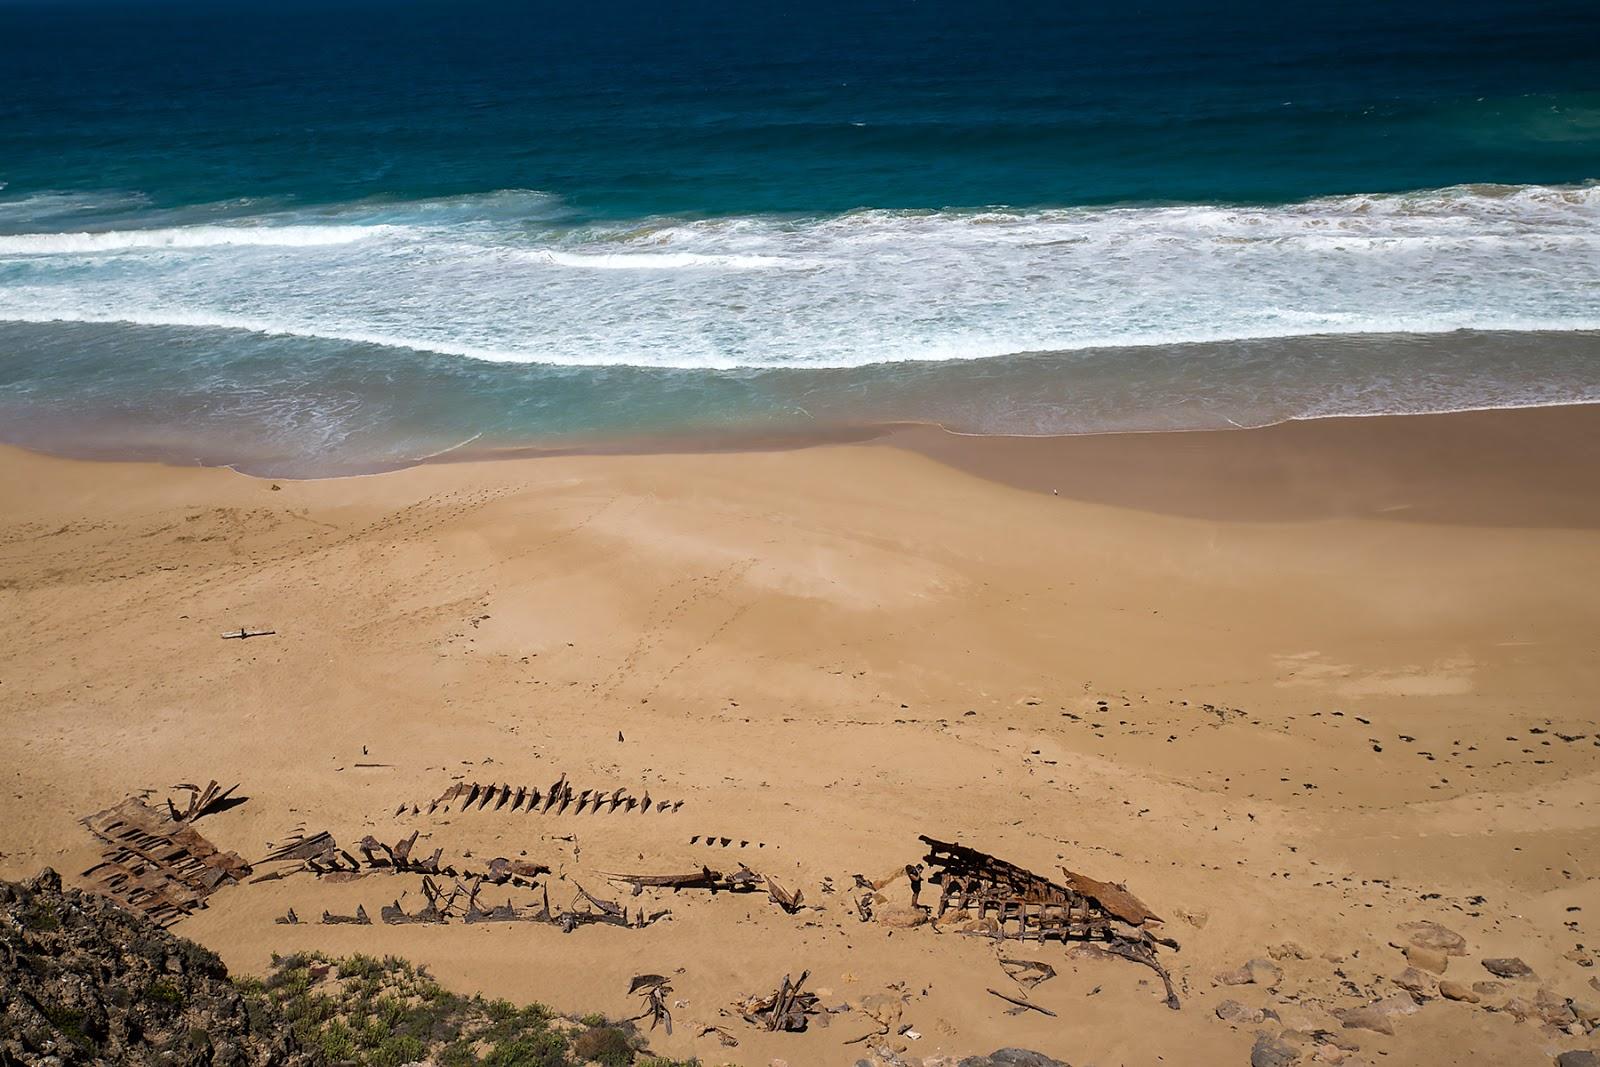 plaża,ocean,szkielet wraku,wybrzeże